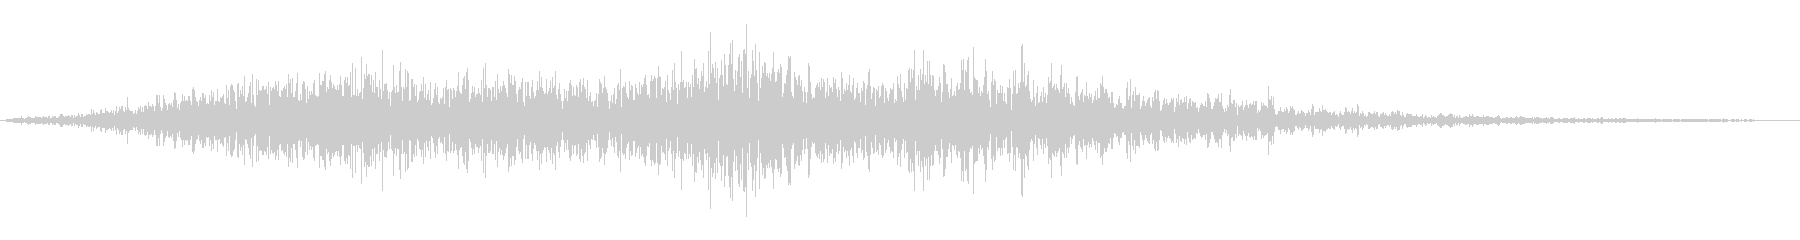 「セイヤ!」複数名の掛け声の未再生の波形